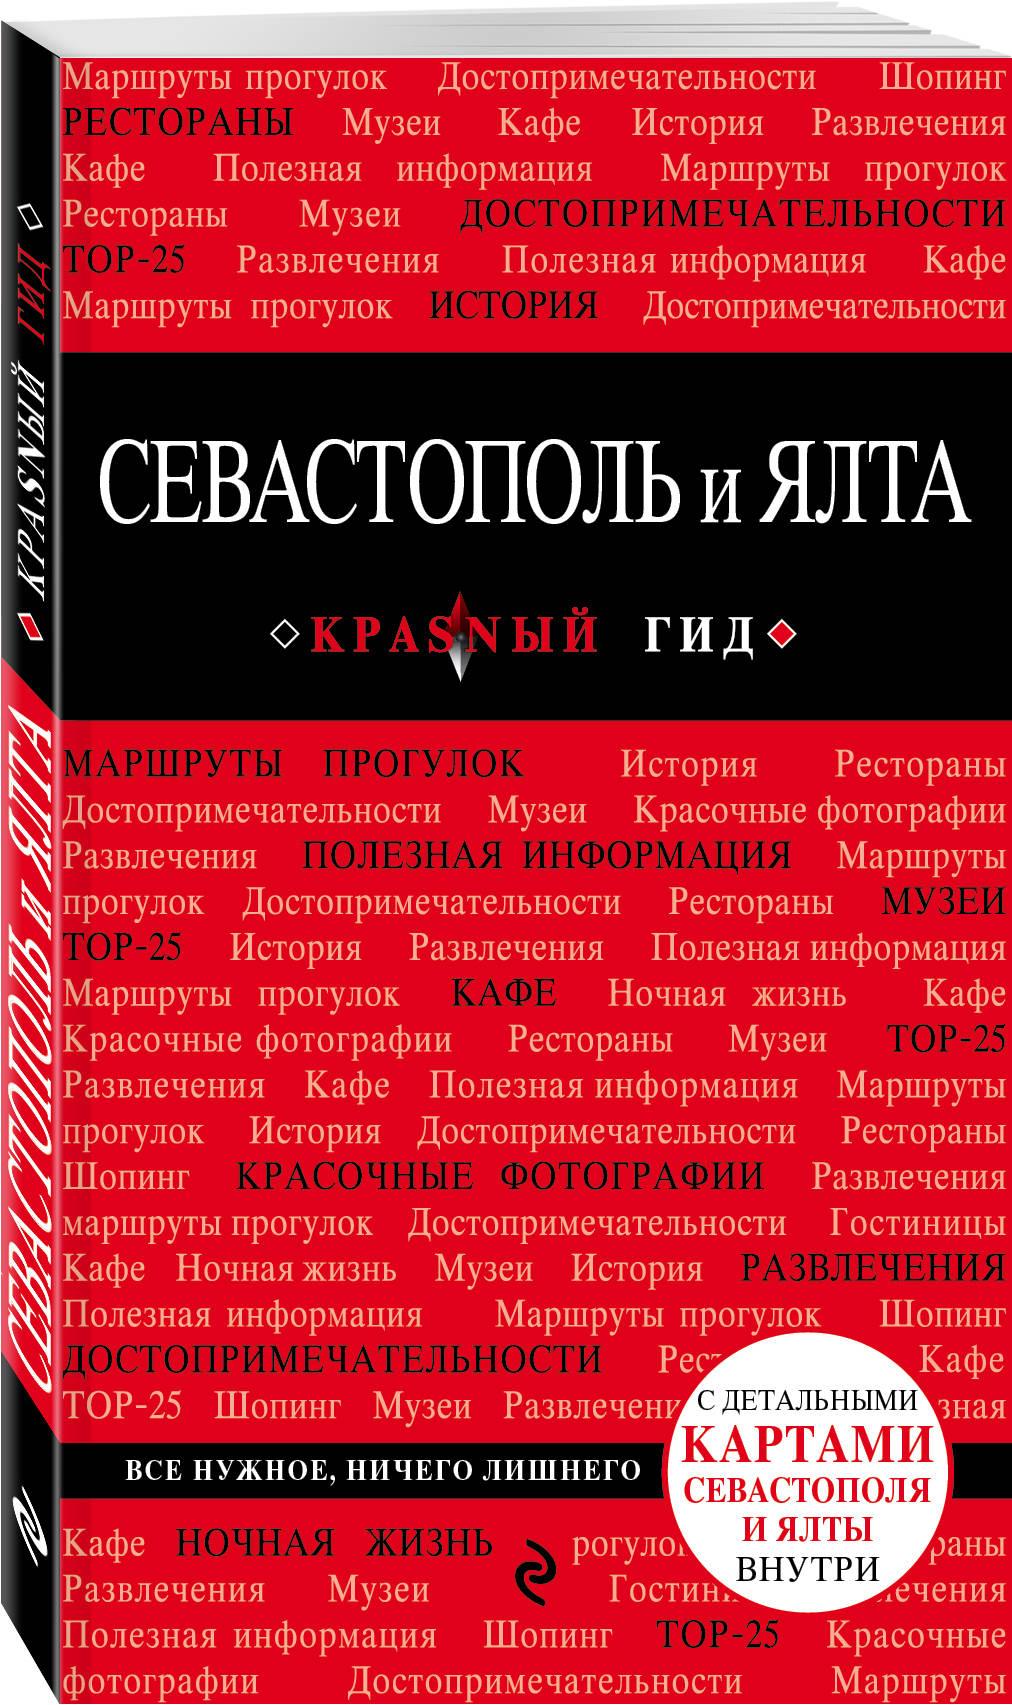 Кульков Д.Е. Севастополь и Ялта. 2-е изд. кульков д е севастополь и ялта 2 е изд